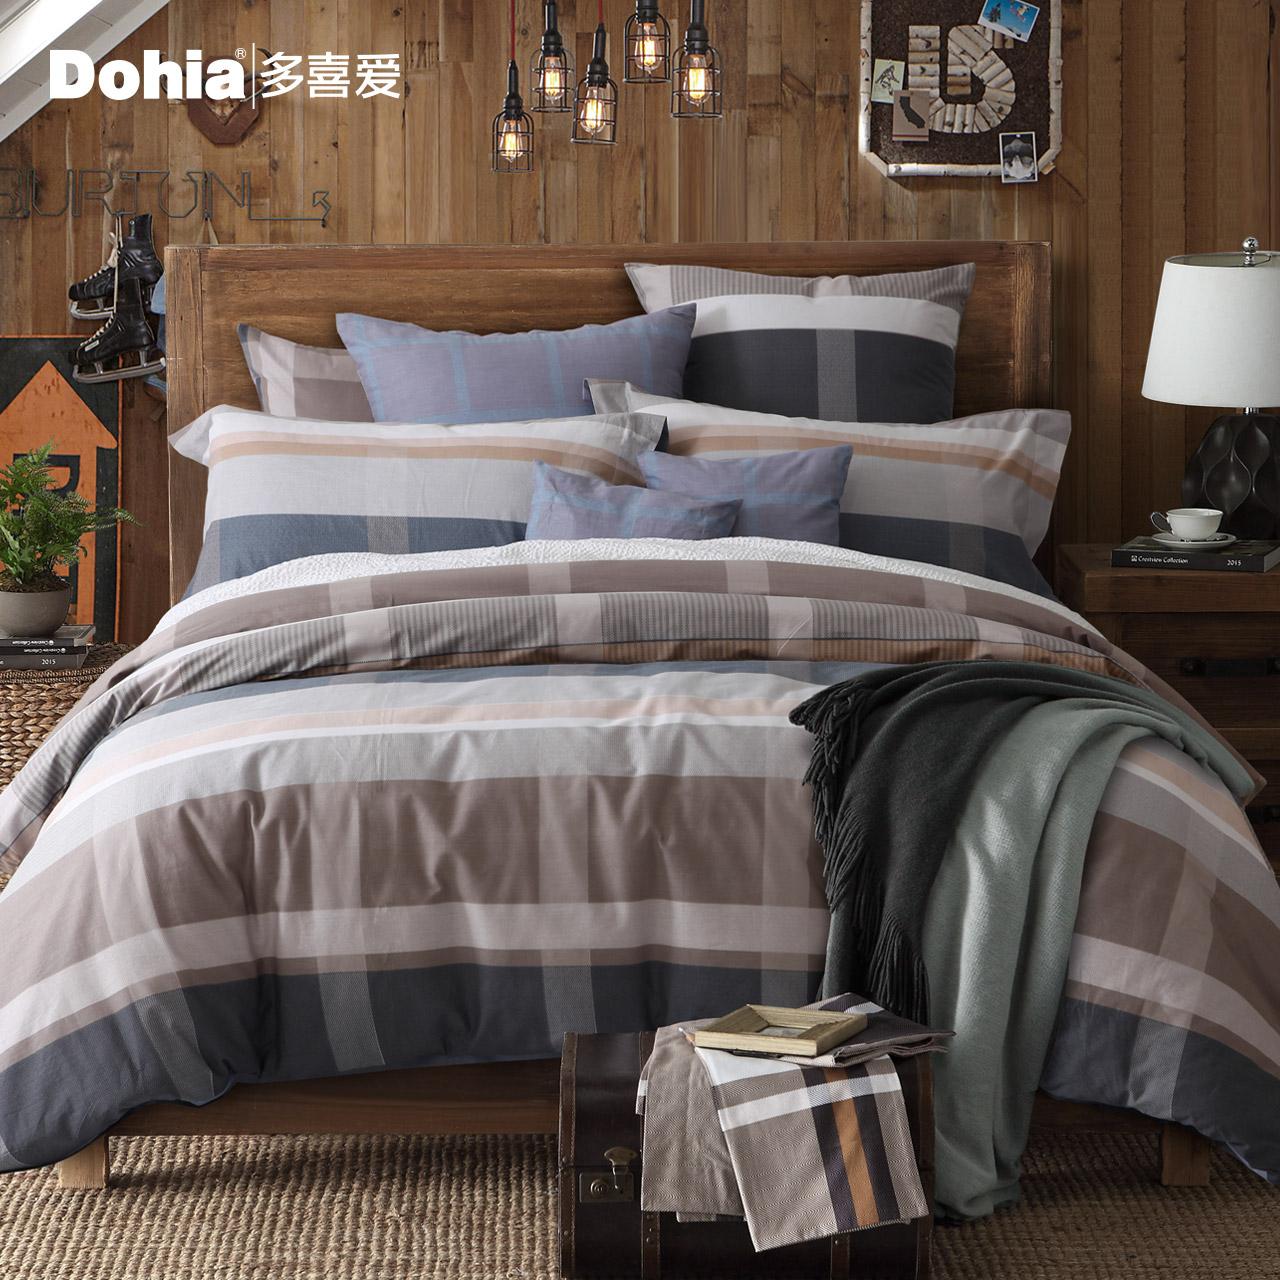 多喜爱2018新品四件套全棉套件床上用品条纹床单被套西雅图之旅